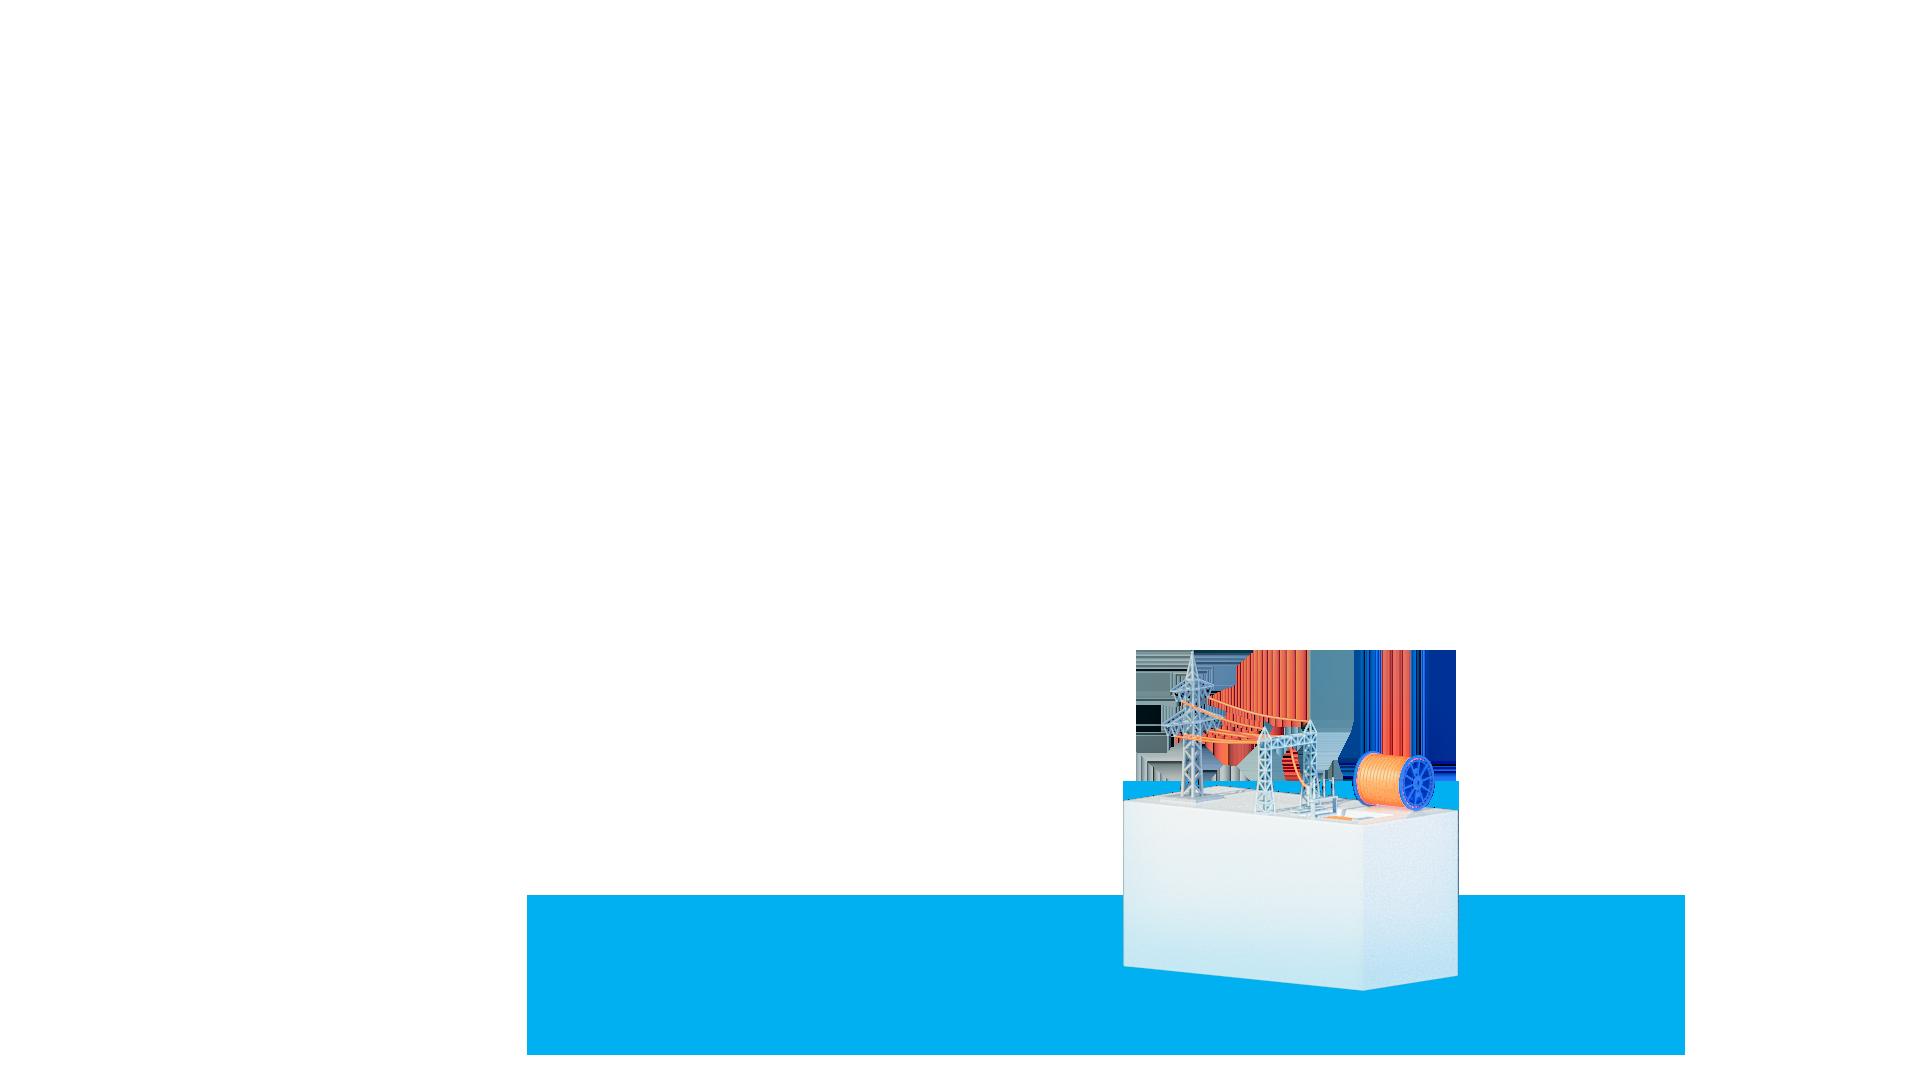 Stele mit Freileitung, Erdkabel und Kabelübergangsanlage